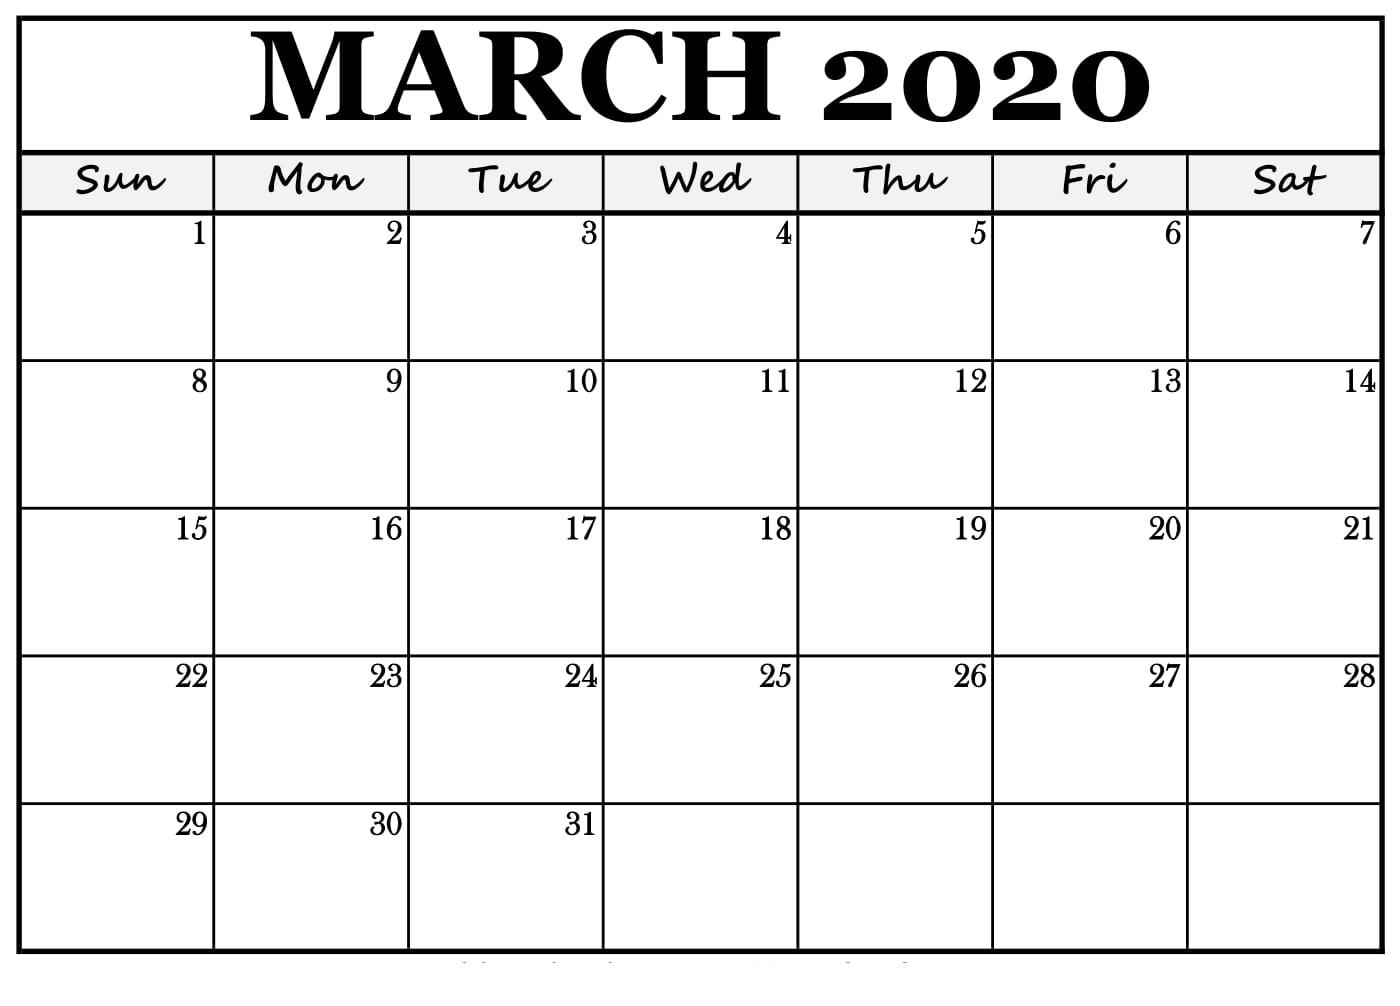 March Calendar Printable 2020